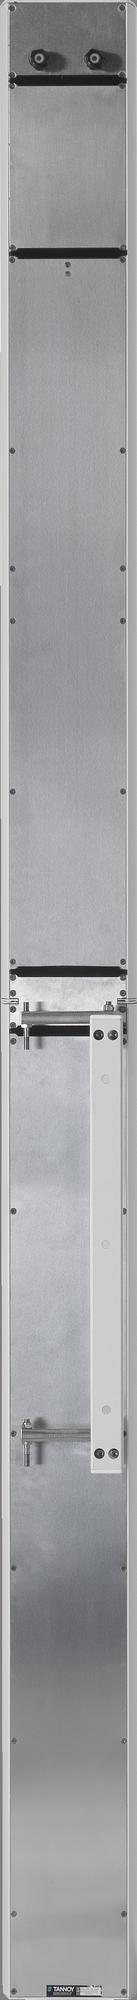 Tannoy  QFLEX 16LS WP WHITE - Install Speaker